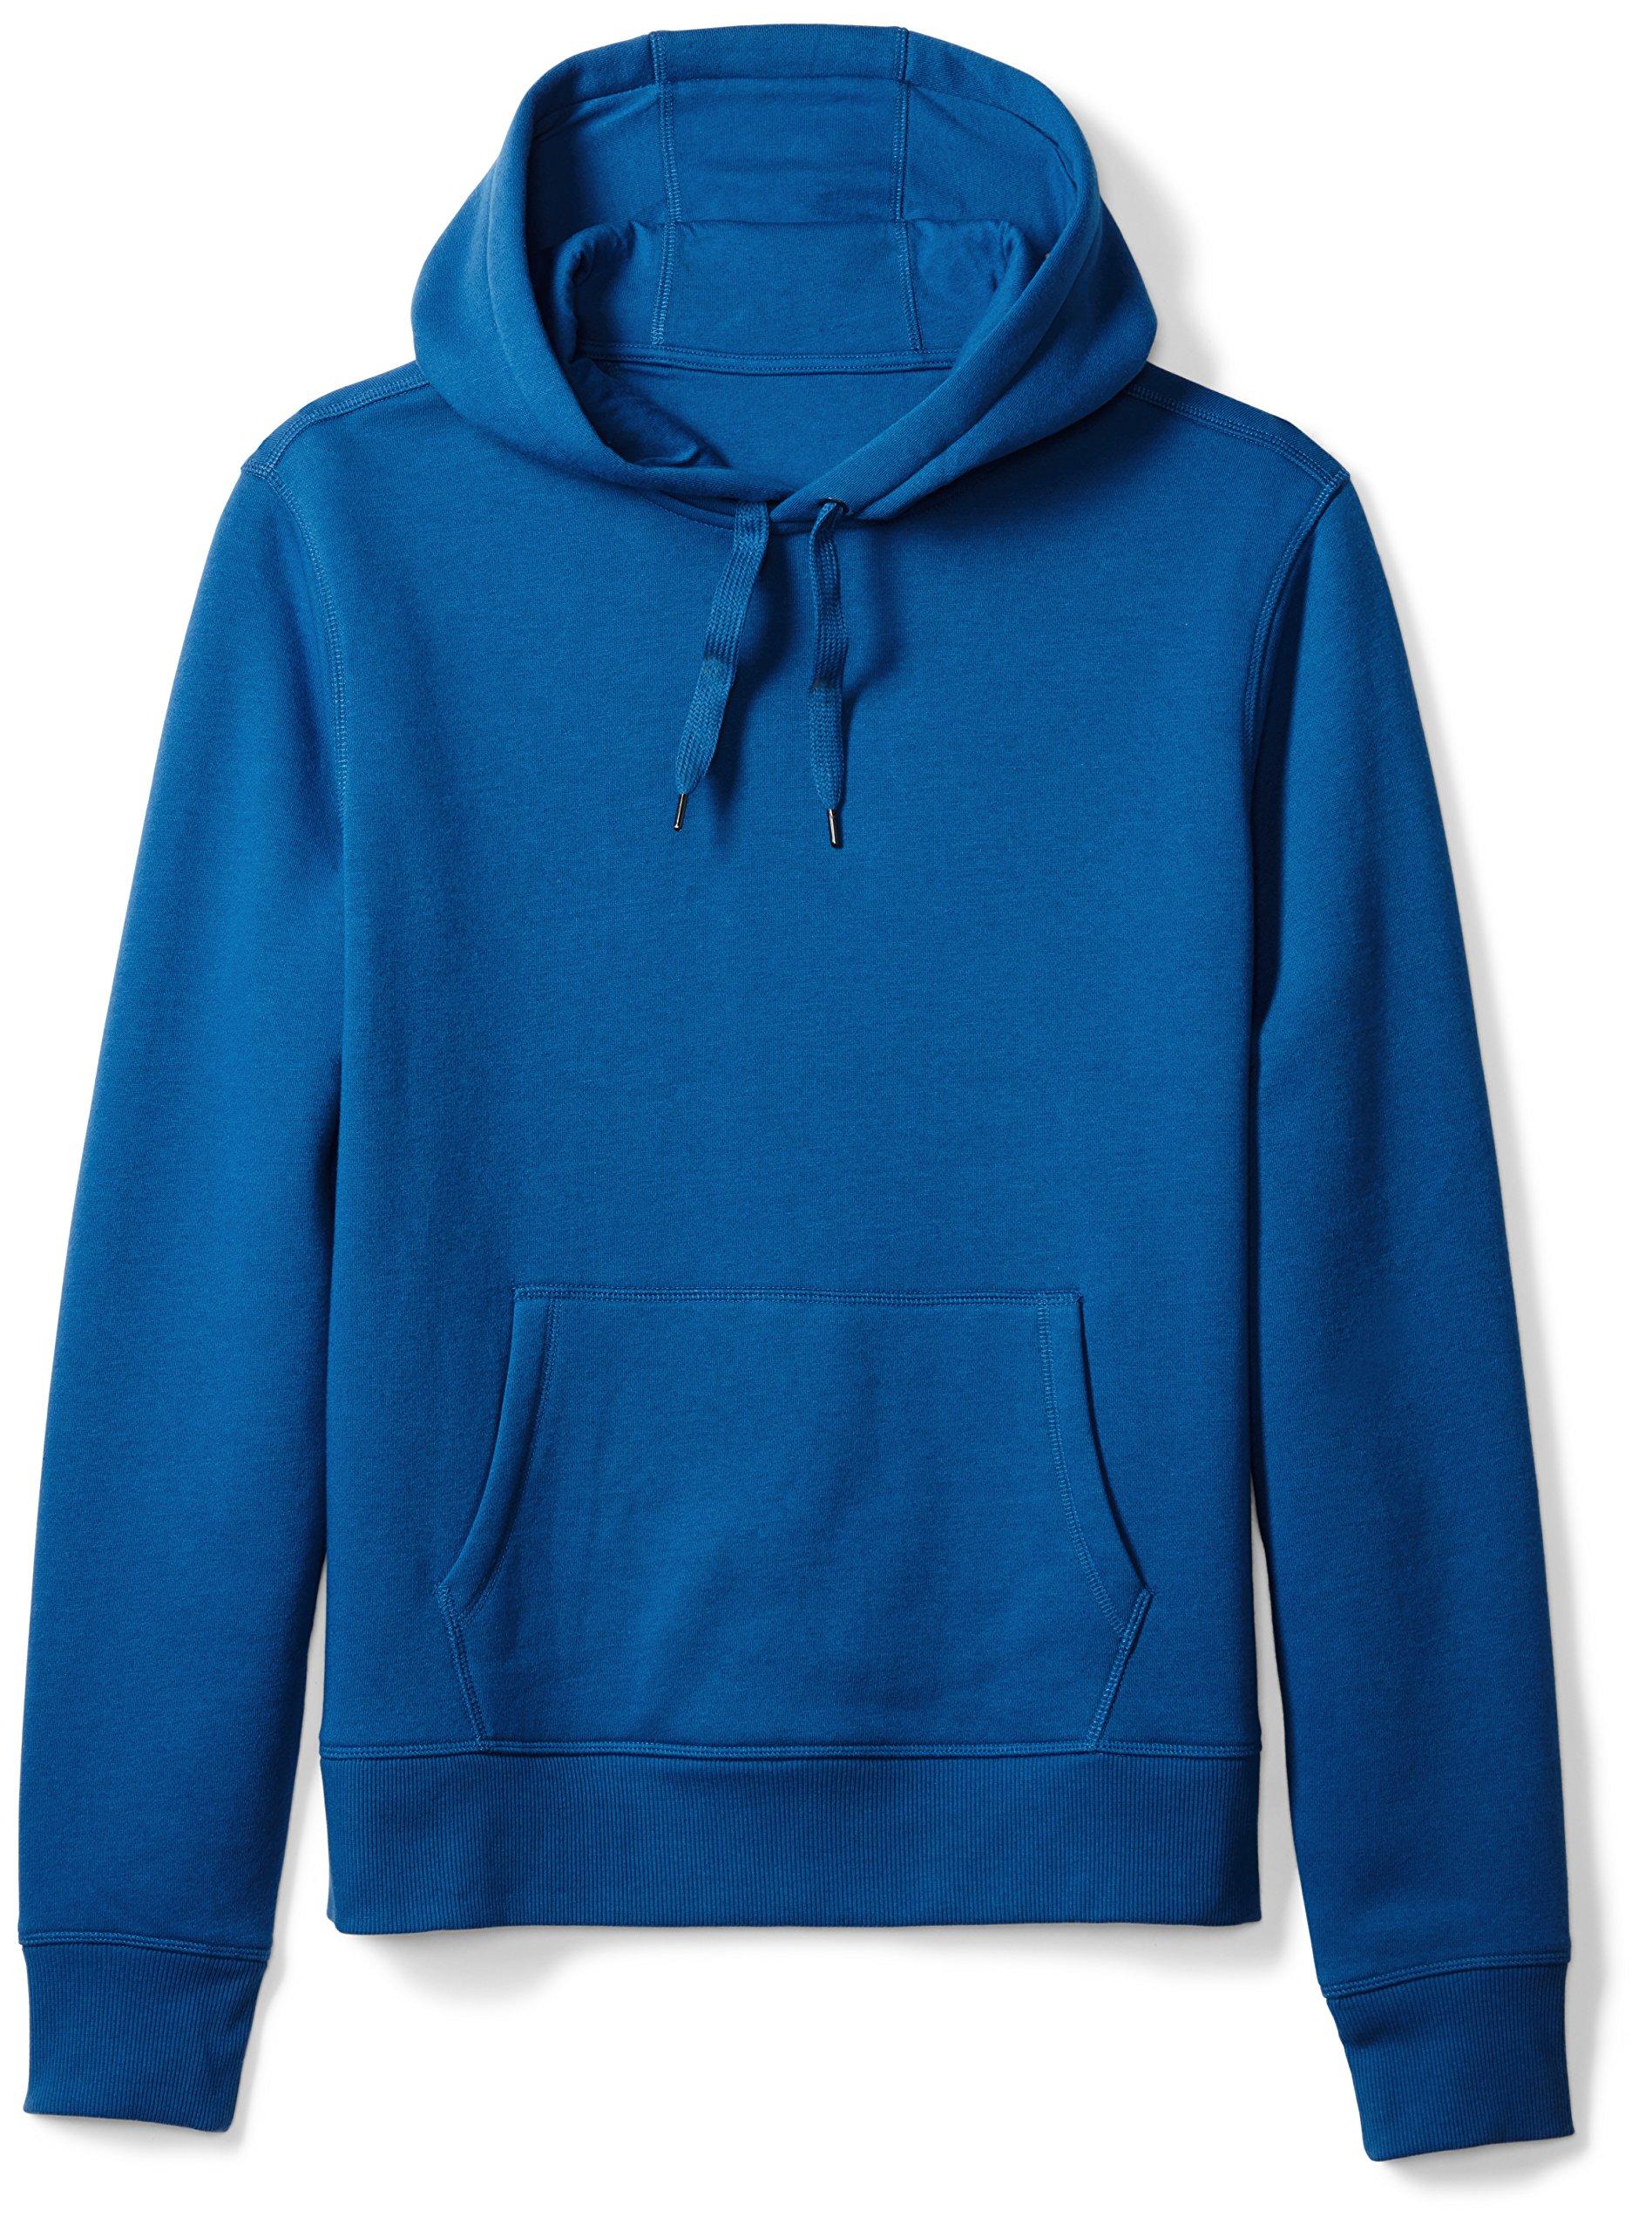 Amazon Essentials Men's Hooded Fleece Sweatshirt, Blue, X-Large